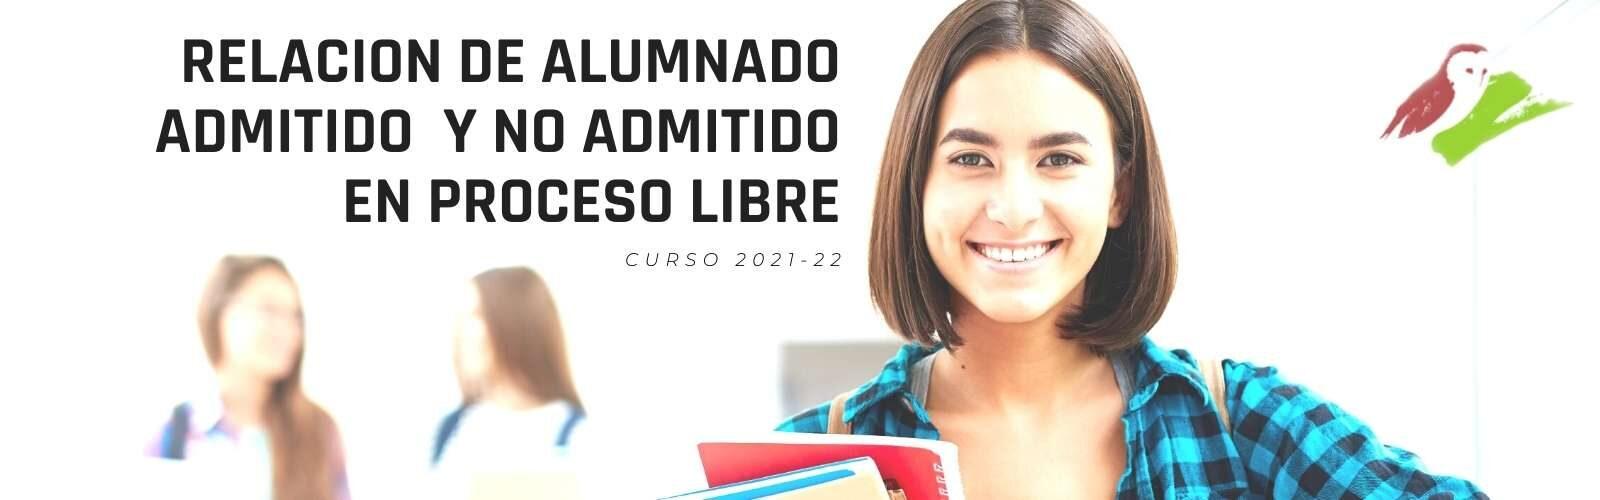 Relación definitiva de alumnado admitido y no admitido en proceso libre